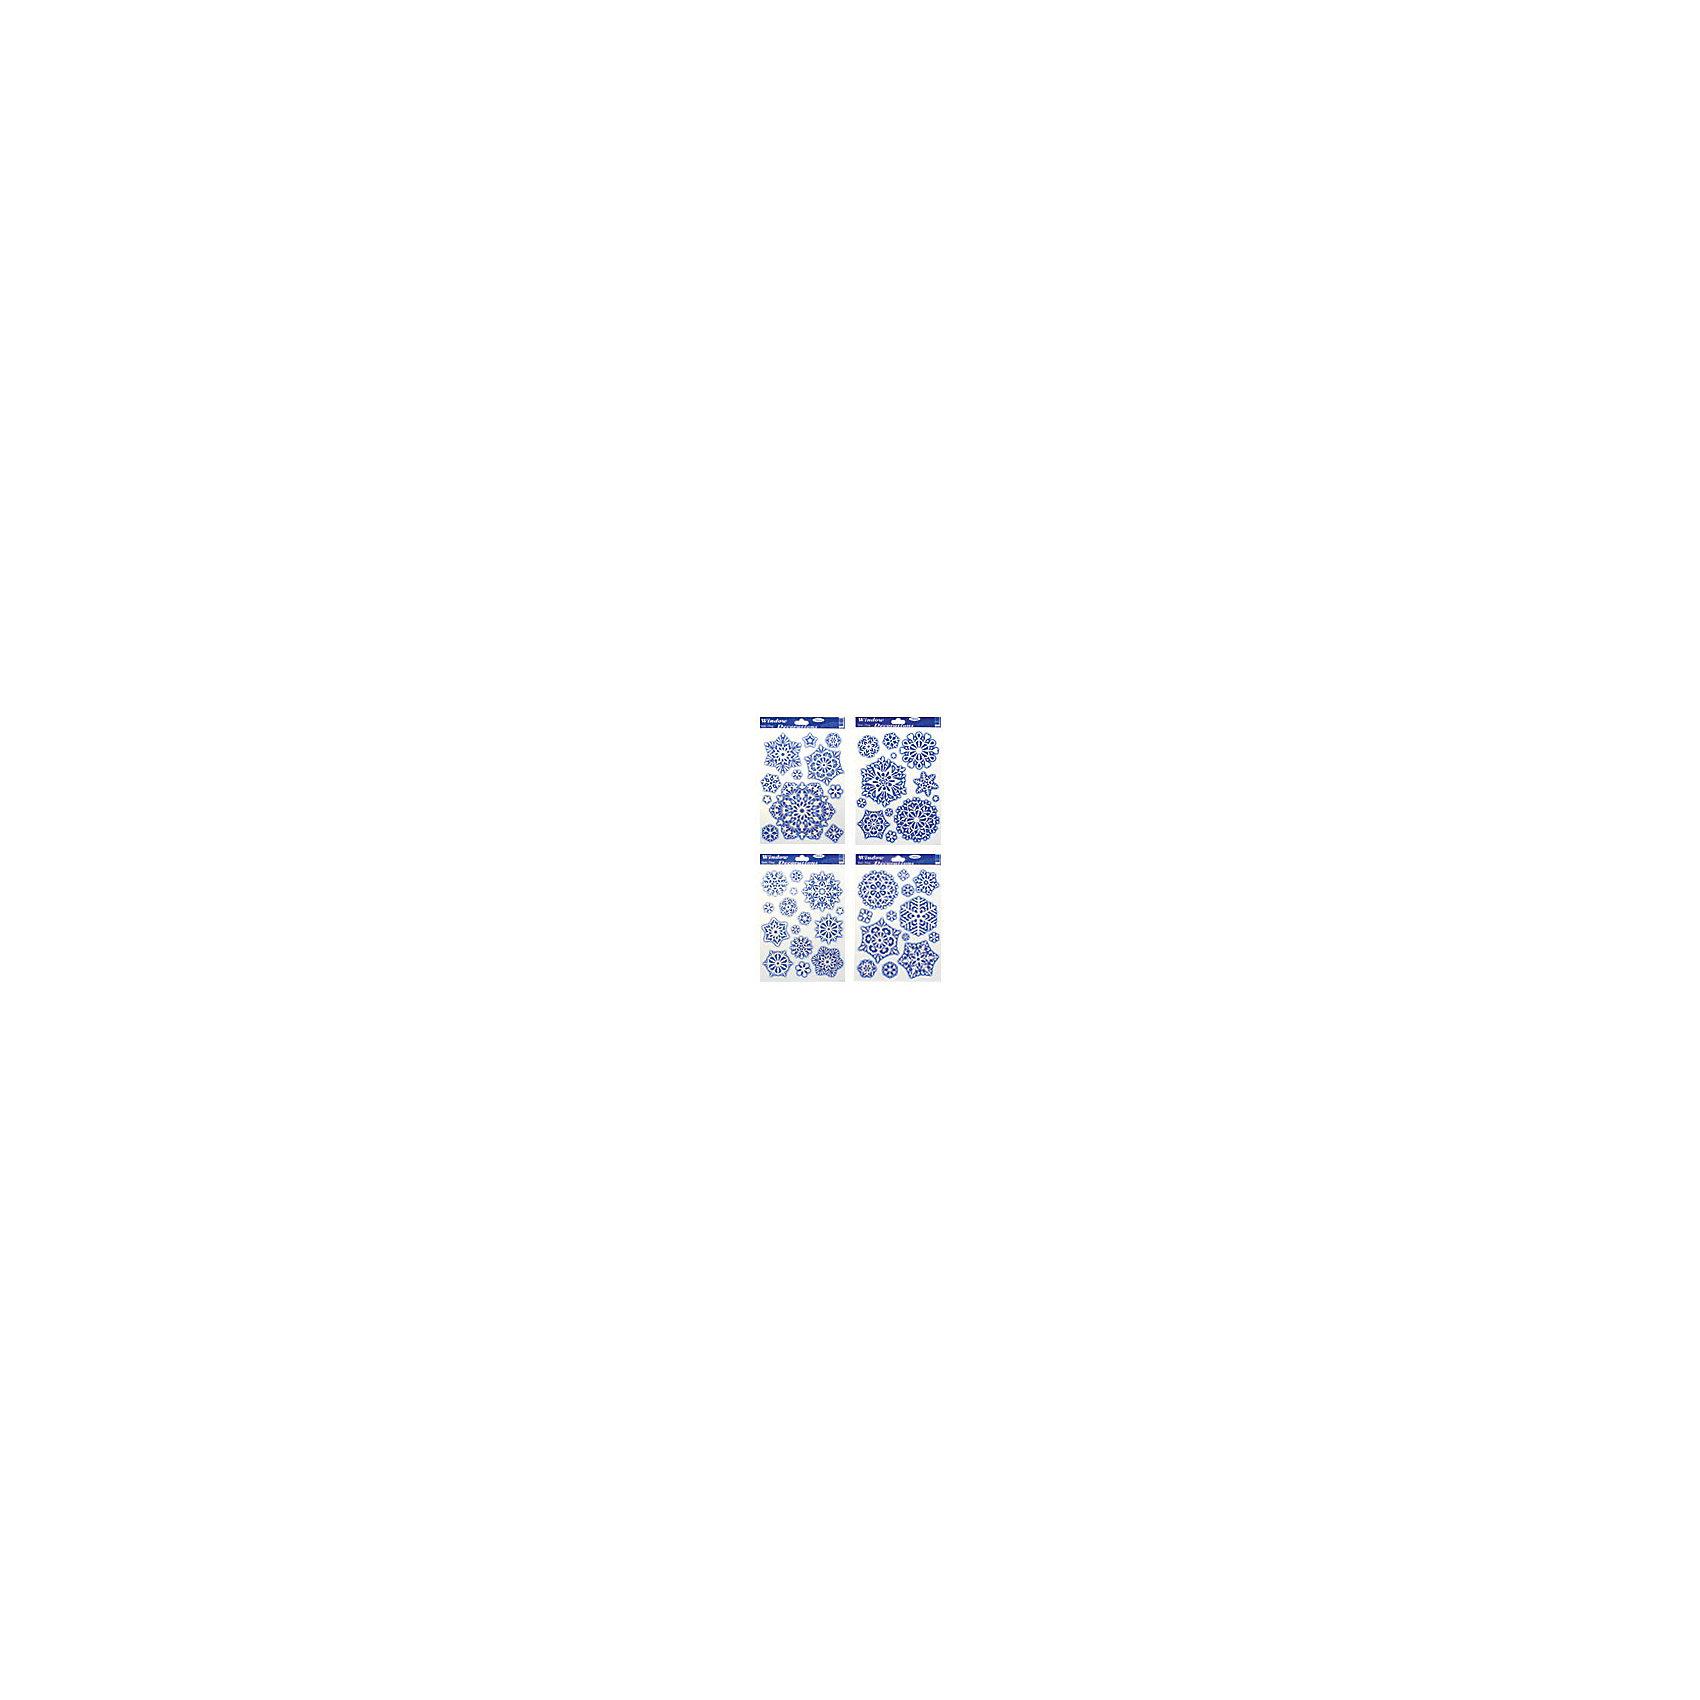 Наклейка на стекло Снежинки 30*20 см, в ассортиментеВсё для праздника<br>Наклейка на стекло Снежинки 30*20 см, в ассортименте - этот новогодний стикер создаст праздничную атмосферу.<br>Наклейка на стекло Снежинки- оригинальное украшение, которое в сочетании с елкой довершит чудесное преобразование праздничного интерьера. Украшение предназначено для декорирования стеклянных поверхностей. С его помощью можно оригинально украсить окна, стекла межкомнатных дверей, а так же зеркальные поверхности. Оно создаст впечатление свежести, настоящего мороза. Устройте настоящий праздник!<br><br>Дополнительная информация:<br><br>- В ассортименте: 4 вида<br>- Размер: 30х20 см.<br>- ВНИМАНИЕ! Данный артикул представлен в разных вариантах исполнения. К сожалению, заранее выбрать определенный вариант невозможно. При заказе нескольких наклеек возможно получение одинаковых<br><br>Наклейку на стекло Снежинки 30*20 см, в ассортименте можно купить в нашем интернет-магазине.<br><br>Ширина мм: 100<br>Глубина мм: 10<br>Высота мм: 100<br>Вес г: 333<br>Возраст от месяцев: 36<br>Возраст до месяцев: 2147483647<br>Пол: Унисекс<br>Возраст: Детский<br>SKU: 4418966